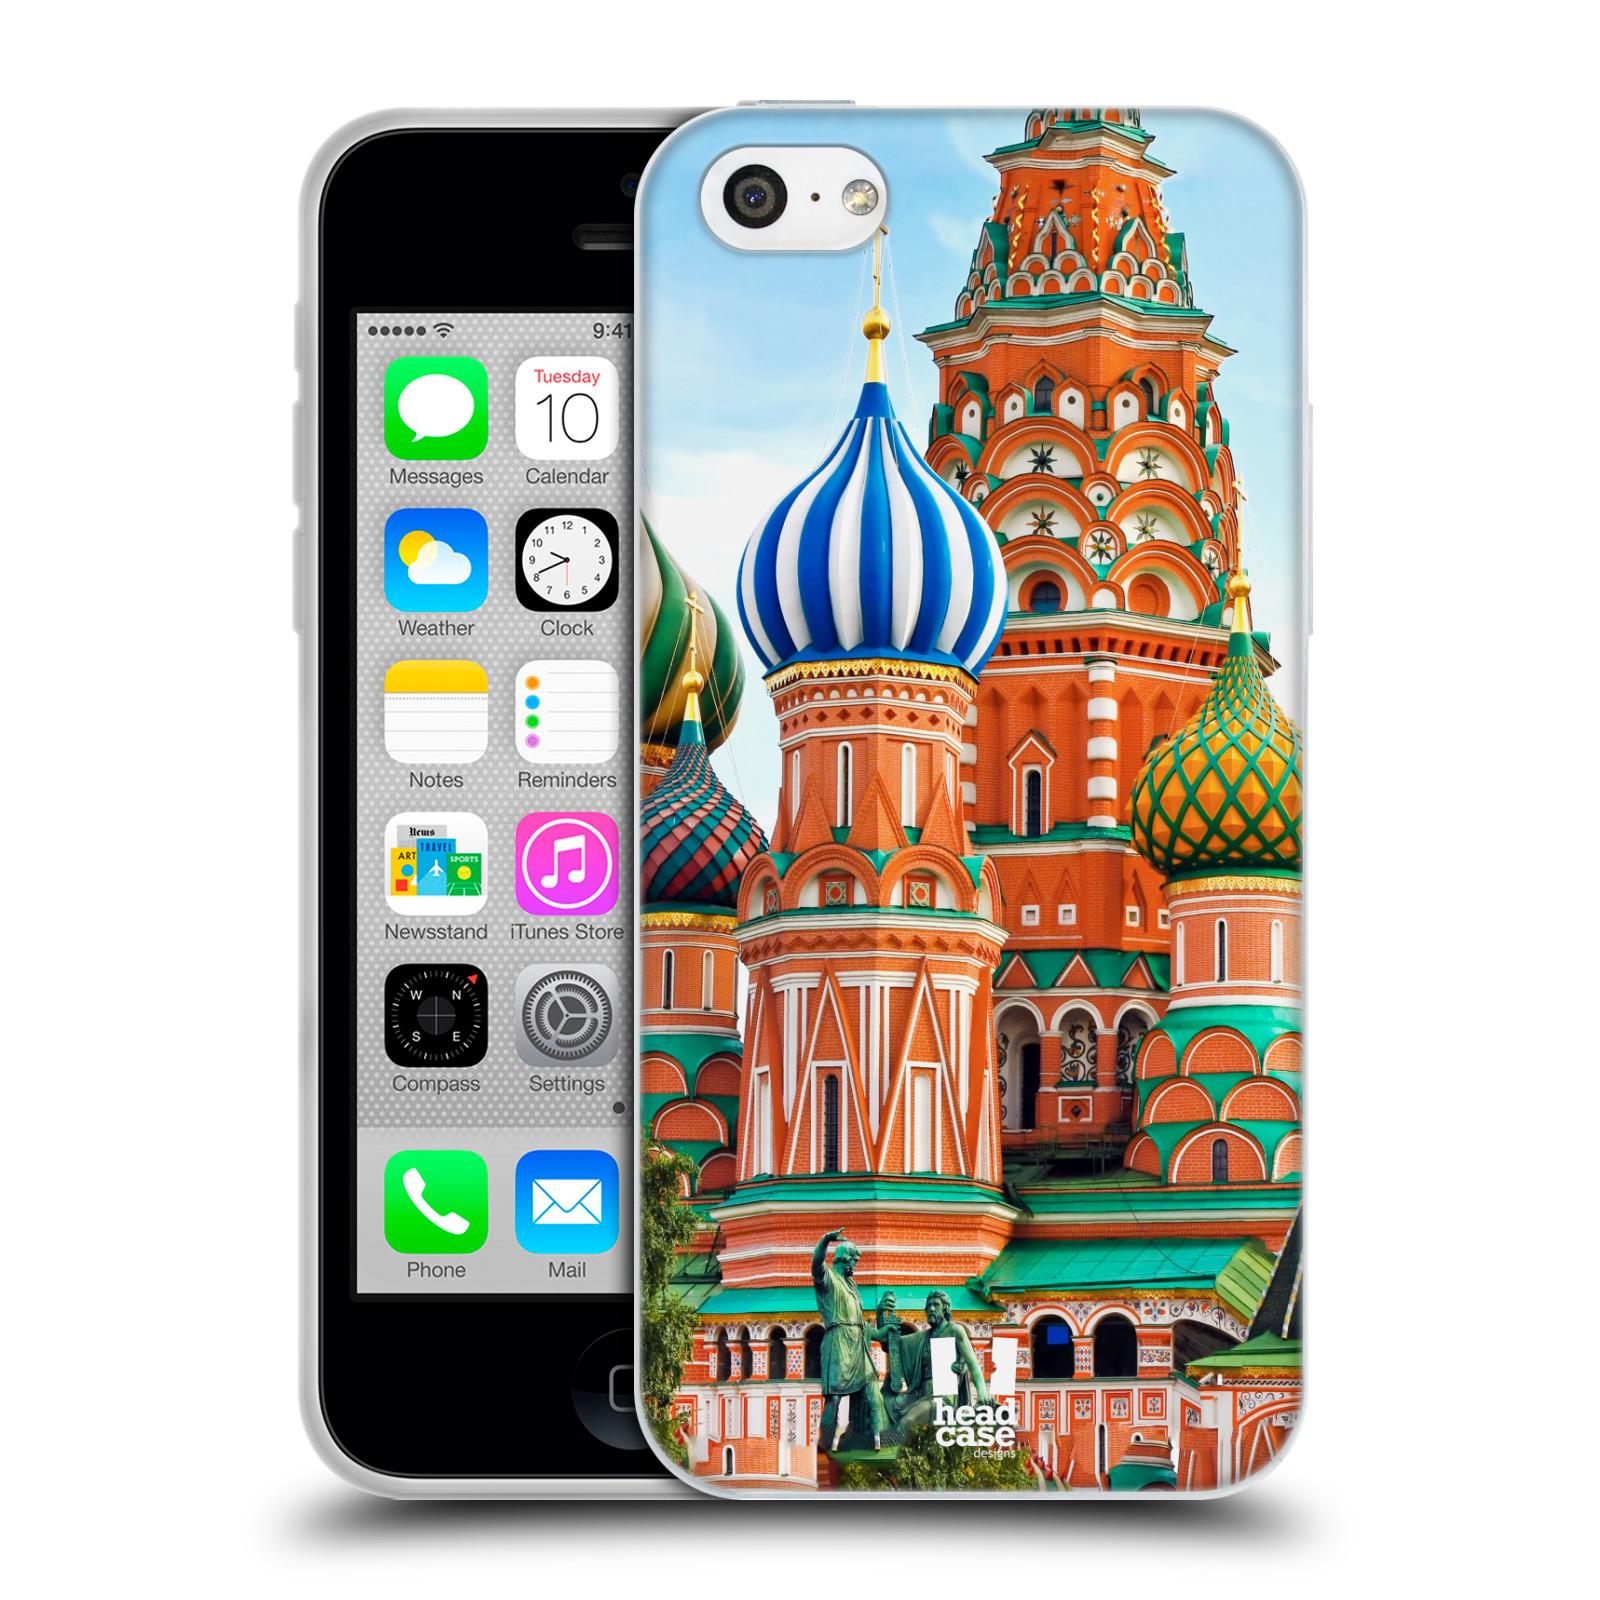 HEAD CASE silikonový obal na mobil Apple Iphone 5C vzor Města foto náměstí RUSKO,MOSKVA, RUDÉ NÁMĚSTÍ